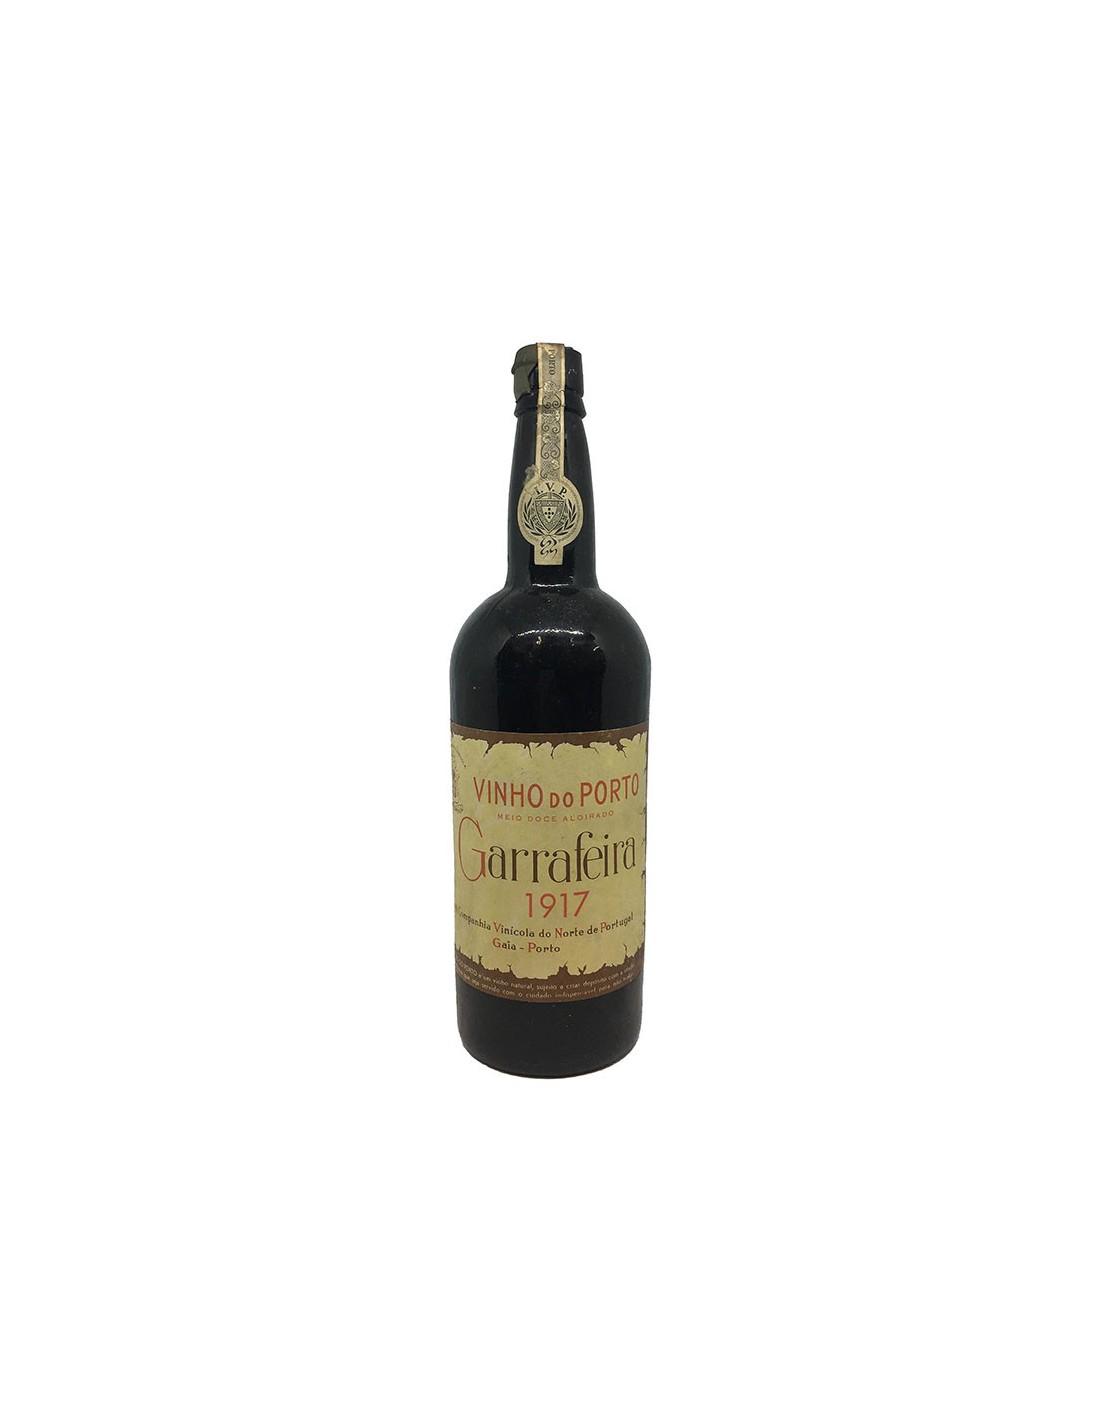 Vinho Do Porto Garrafeira Colheita 1917 REAL COMPANHIA VINICOLA